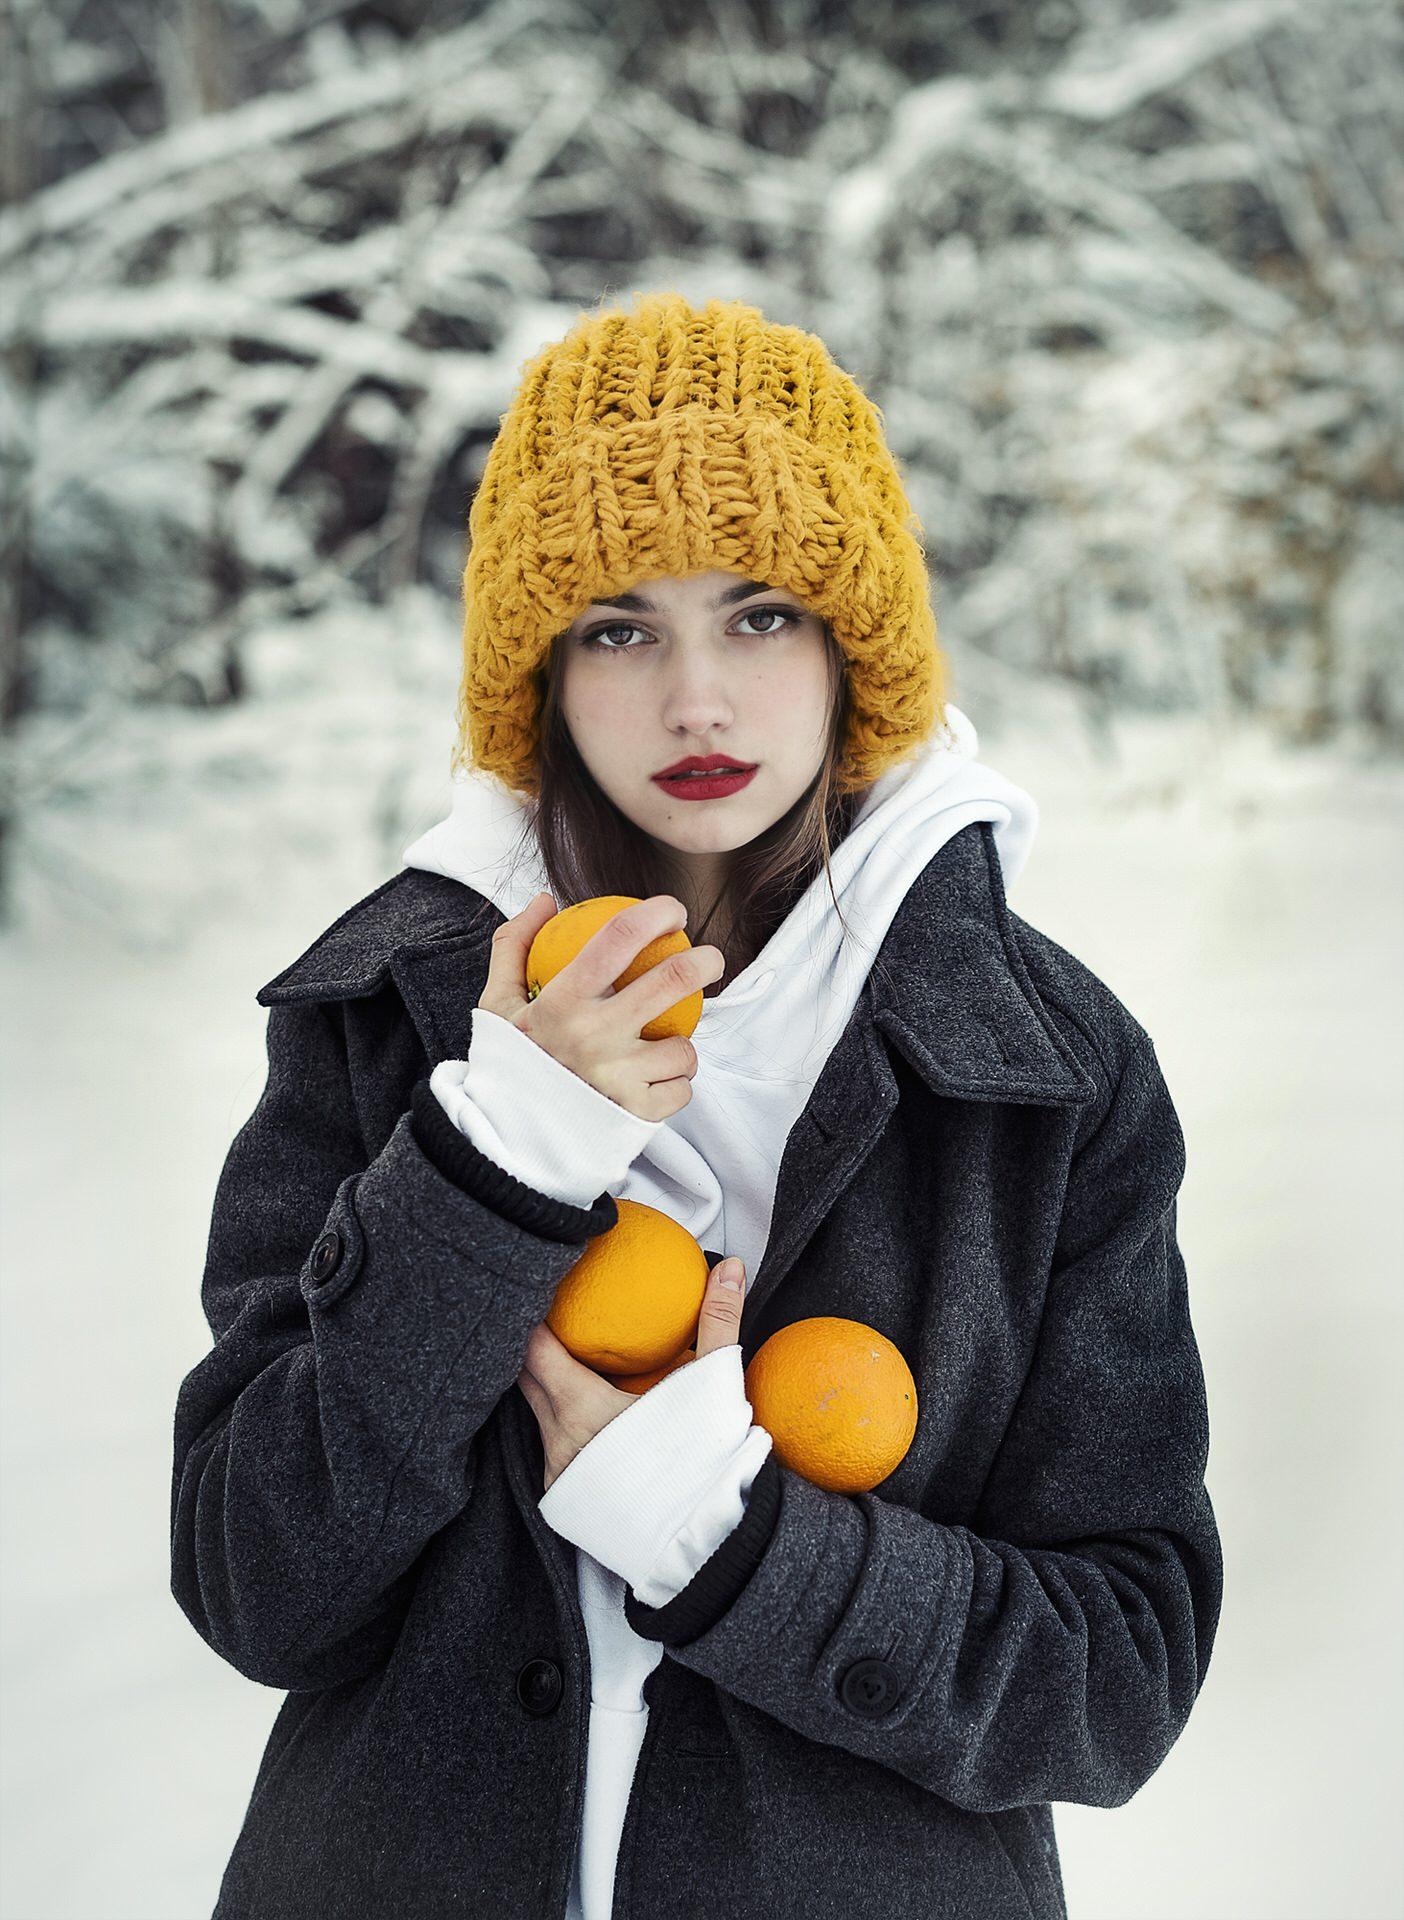 VENUS Gallery - Natalia Kholodova Photographer